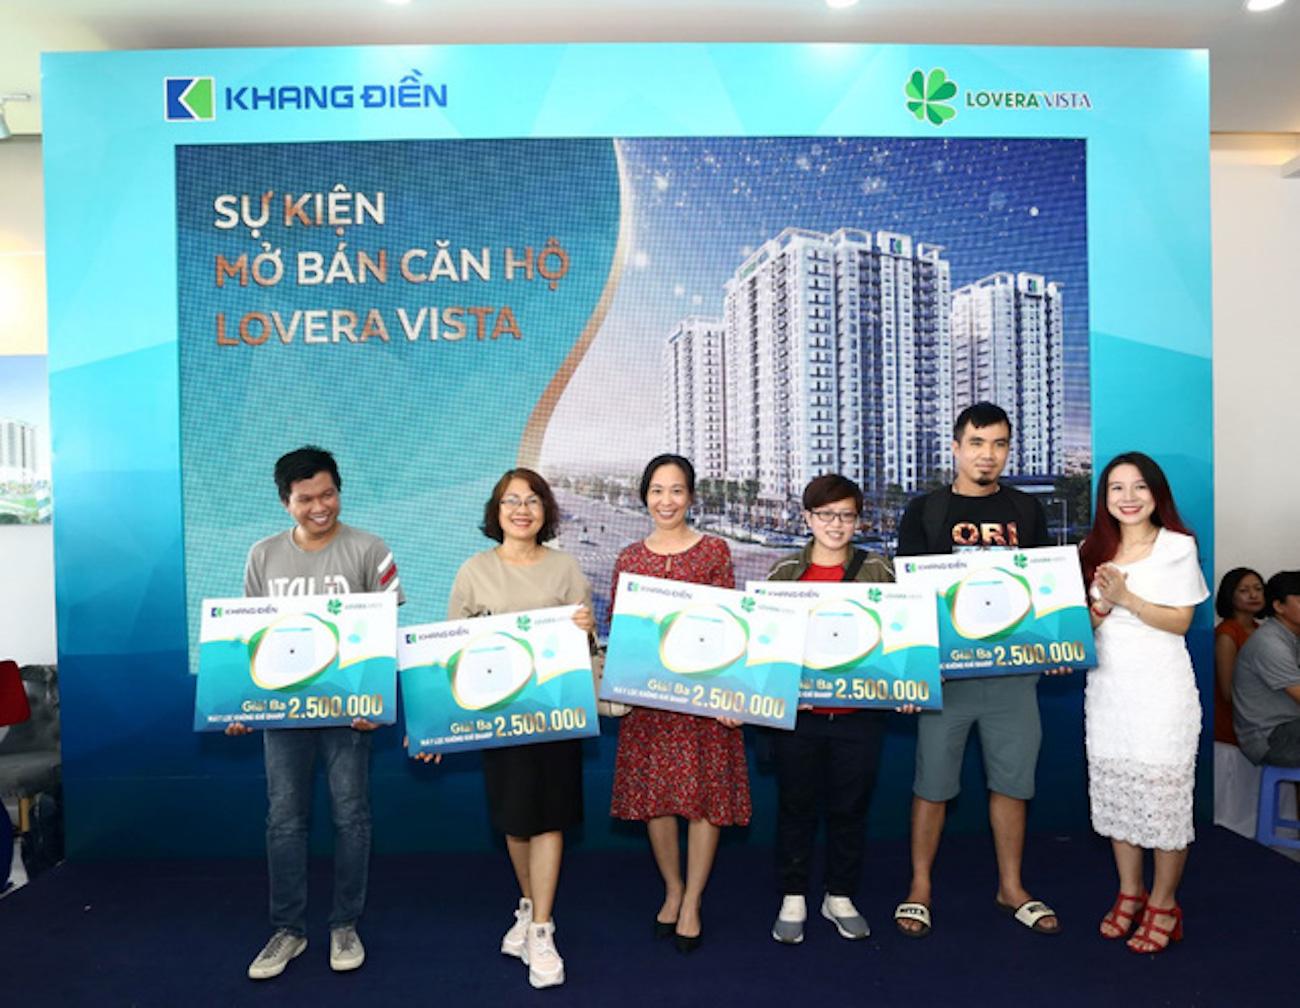 trong lễ mở bán, Lovera vista mở bán, Đại diện chủ đầu tư trao quà cho khách tham dự may mắn trúng thưởng.